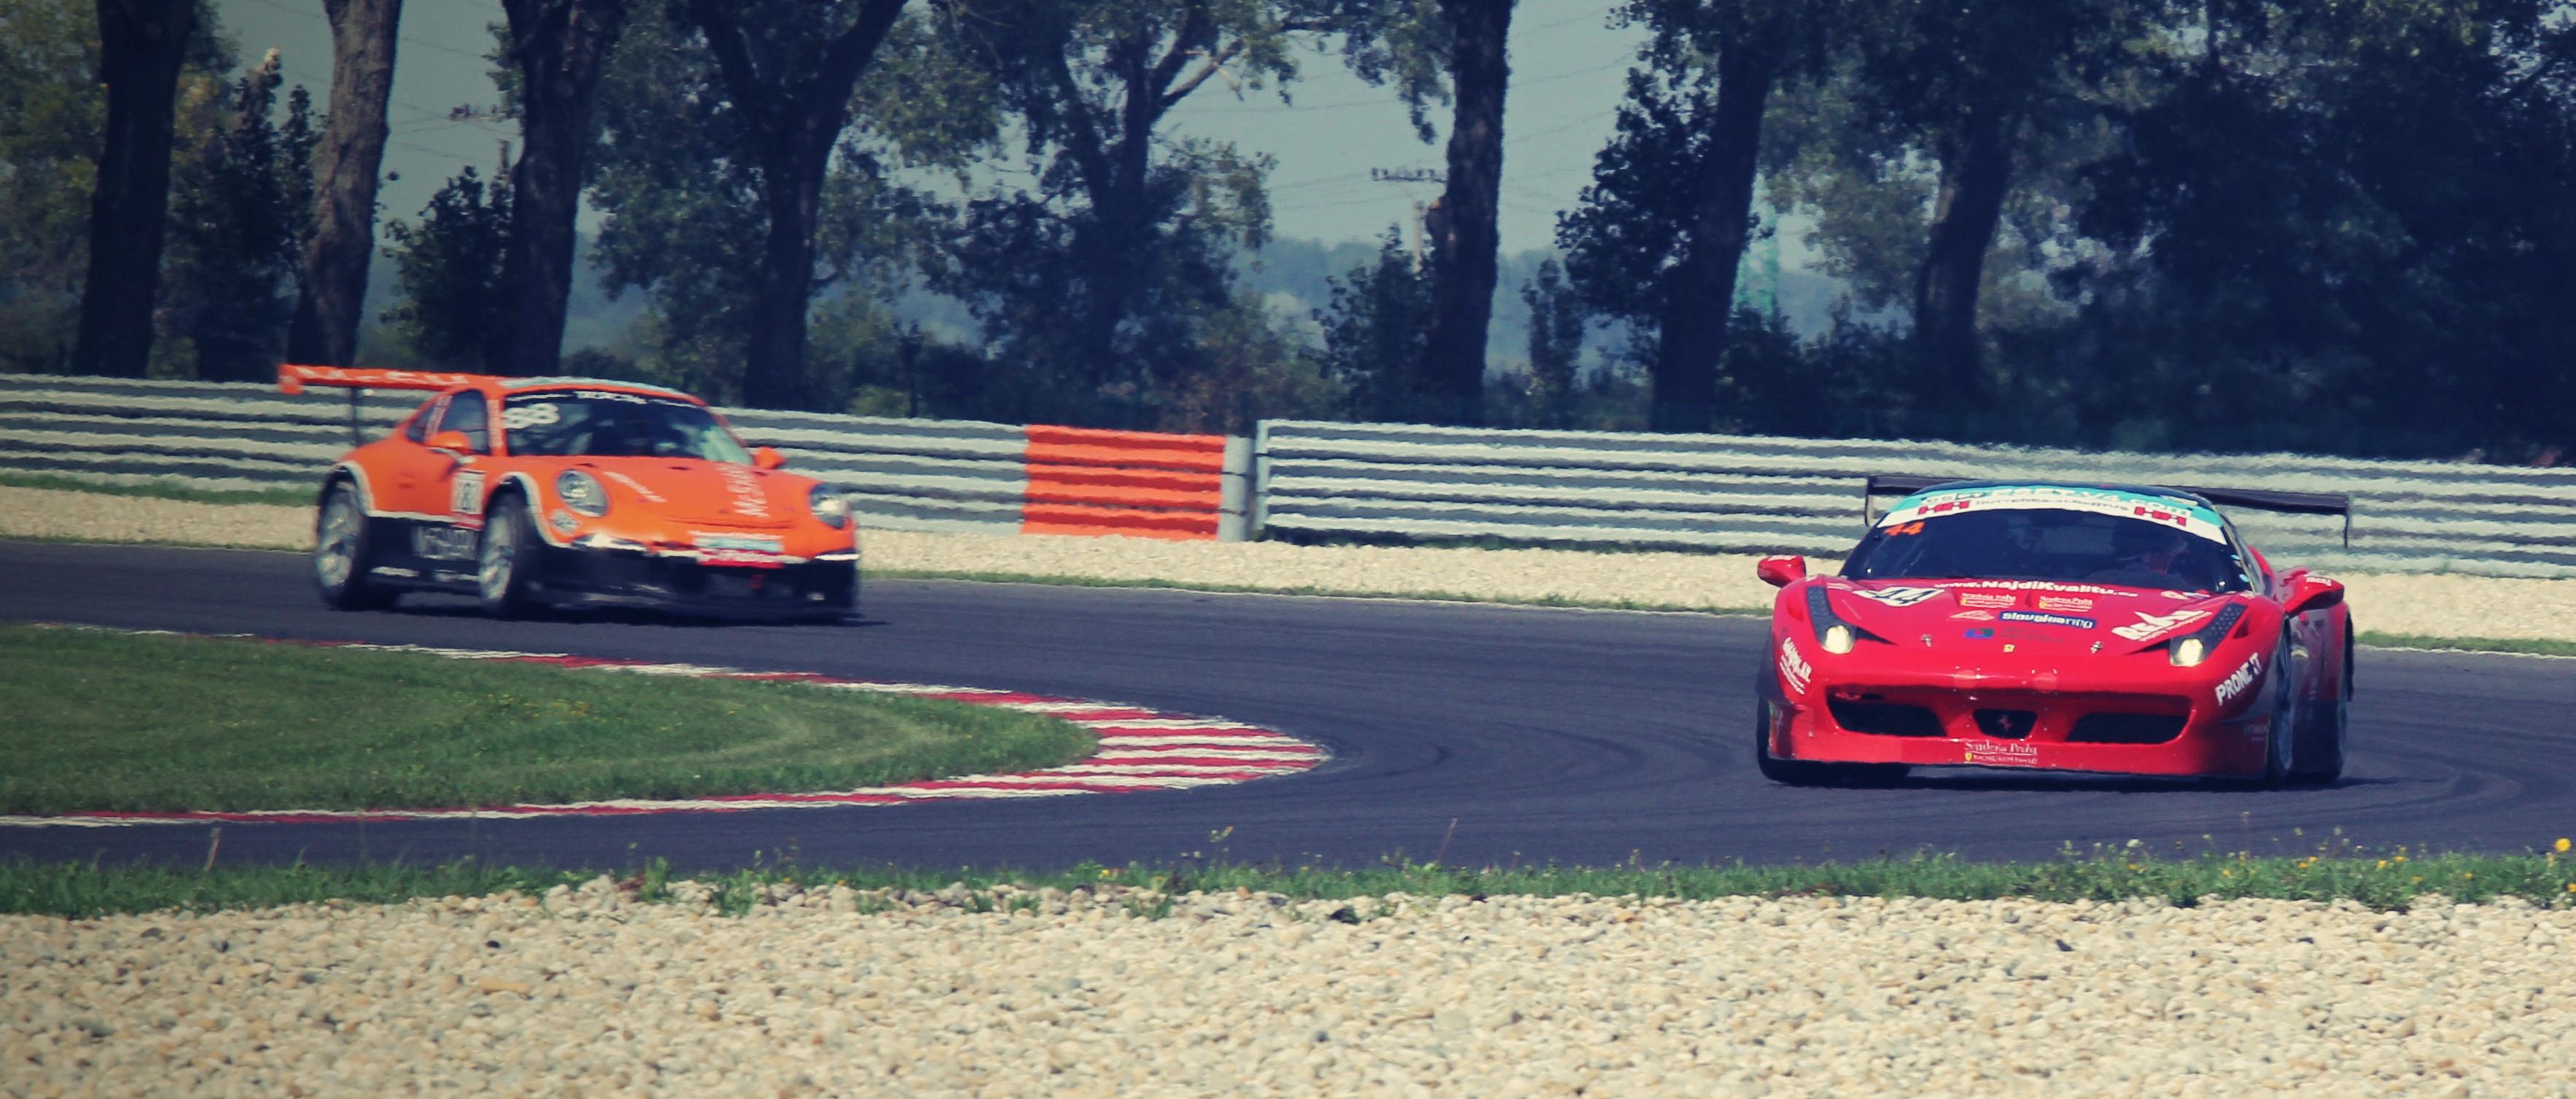 Free stock photo of Ferrari 458 Italia, motor sport, porsche